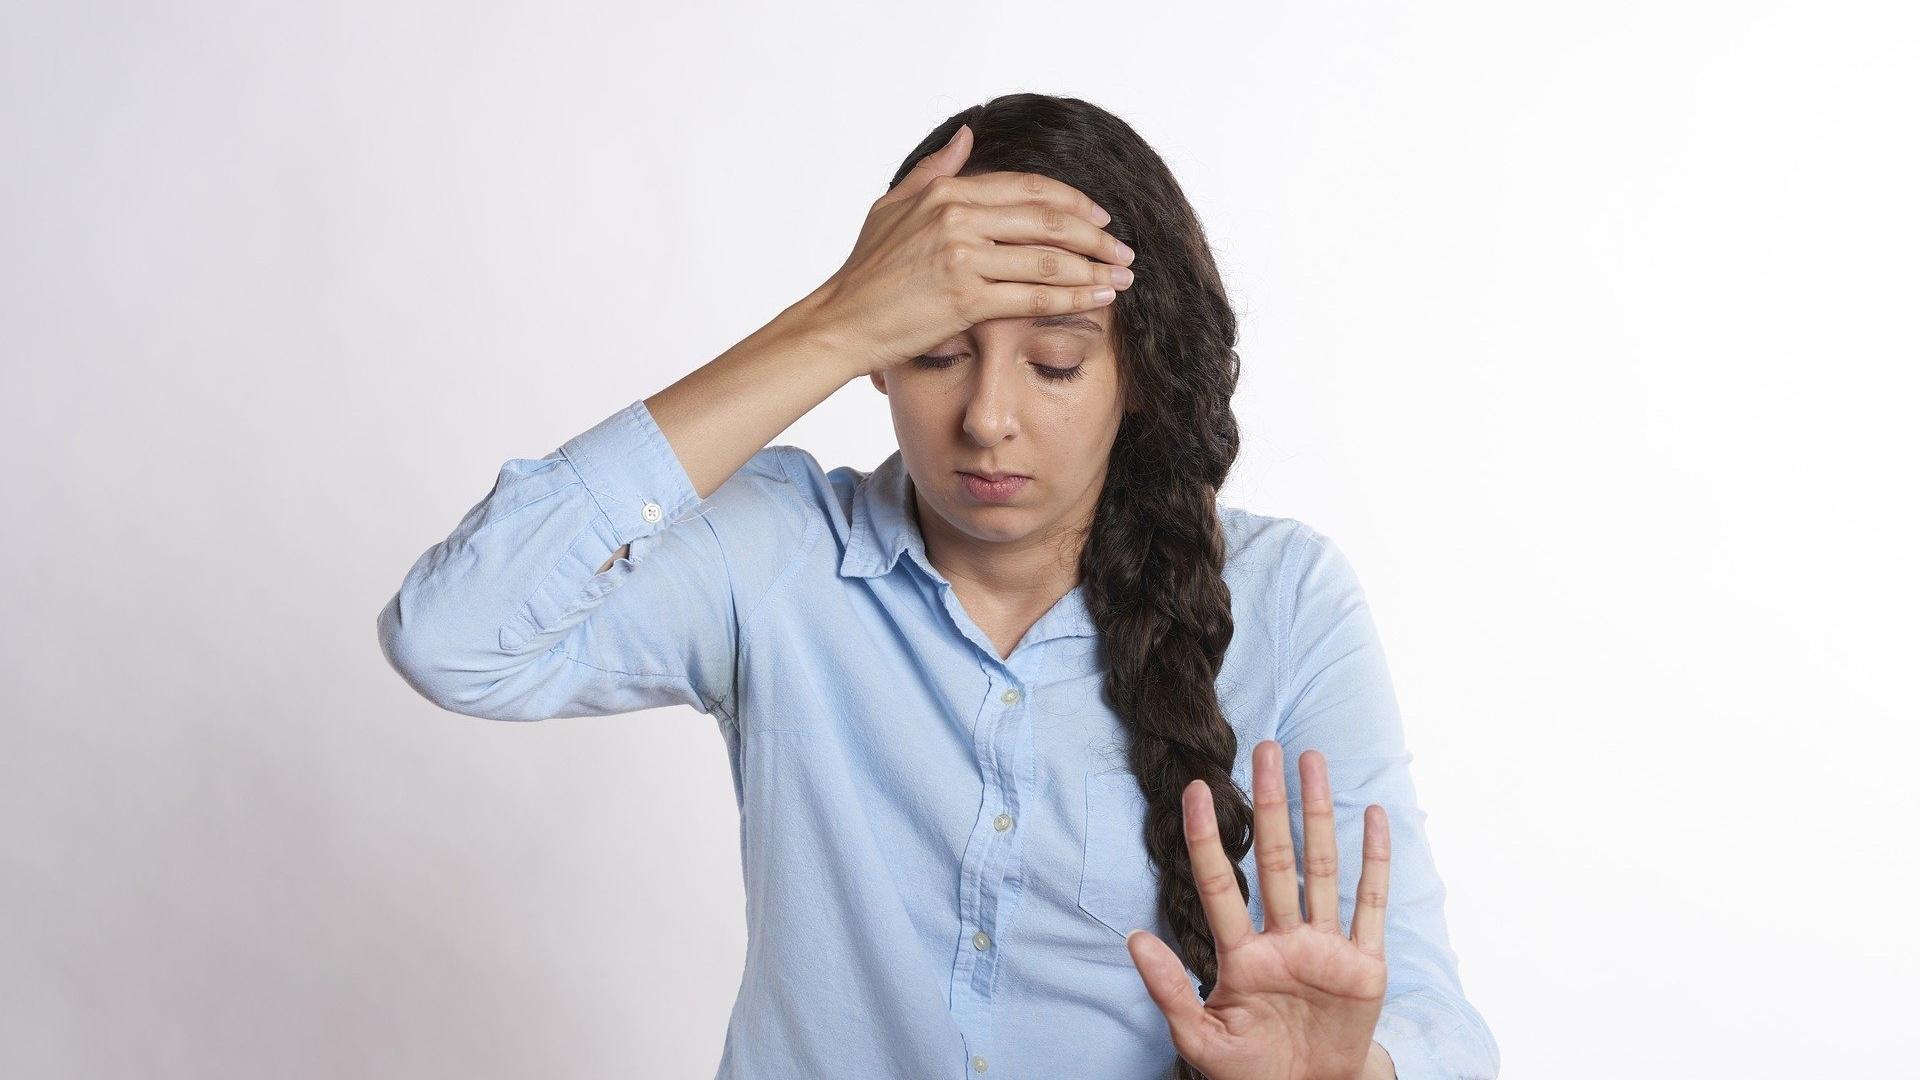 Migräne-Symptome: Das sind Anzeichen einer Migräne